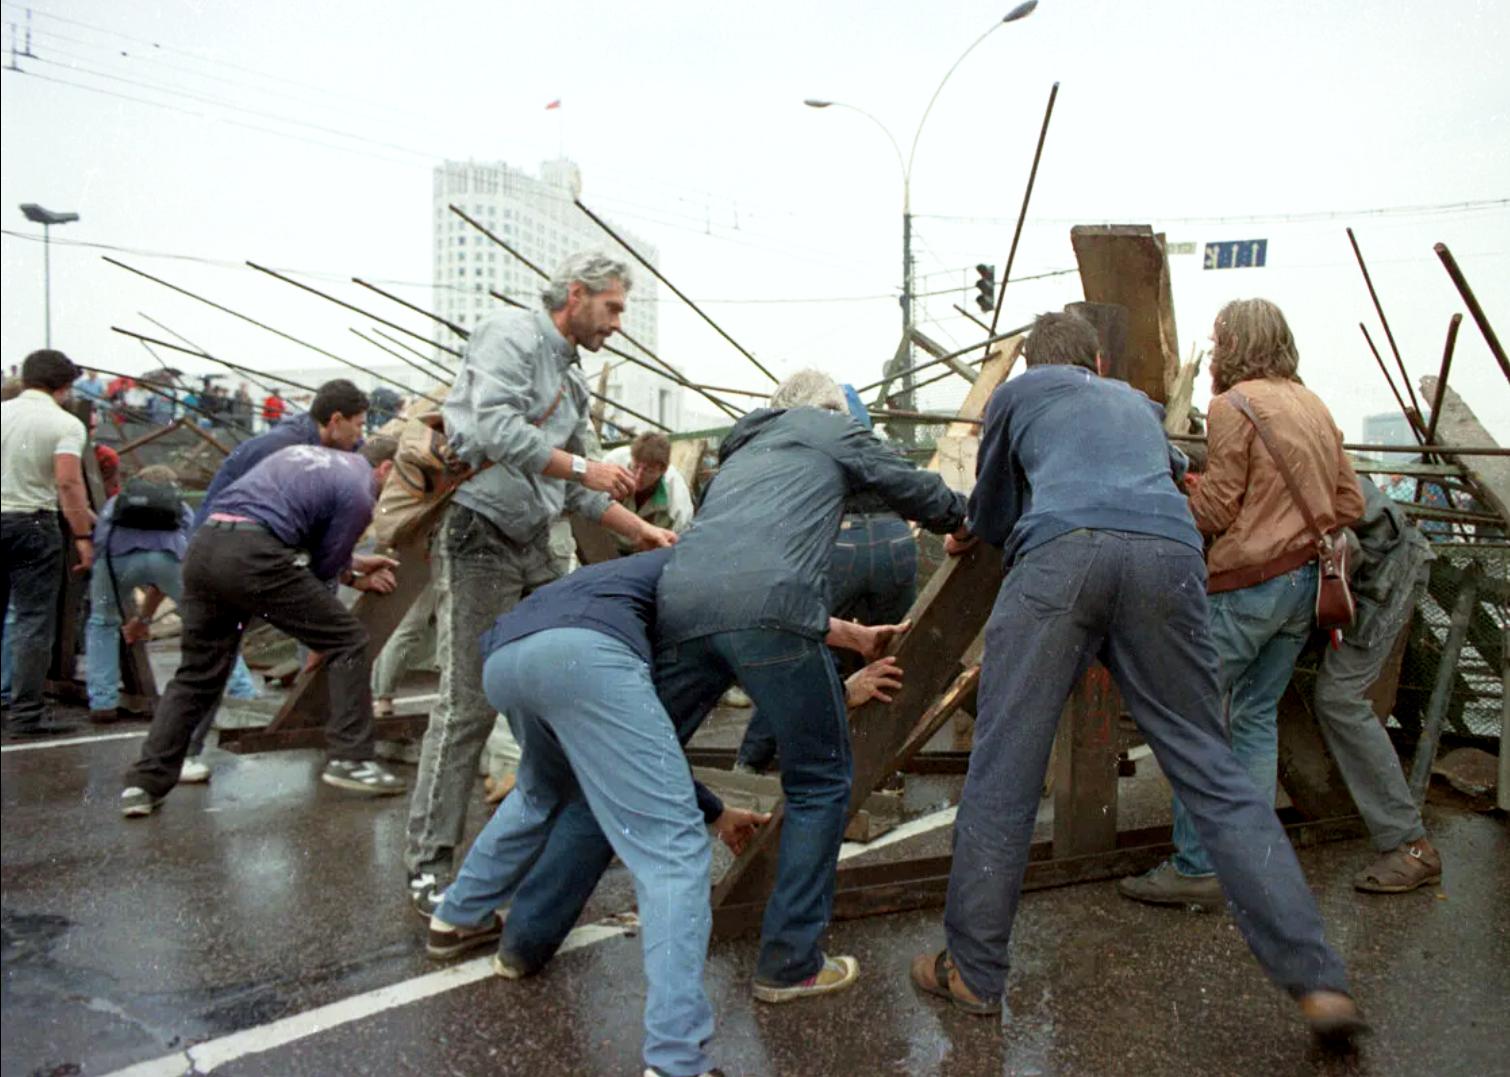 Стихийное сооружение баррикад вокруг Белого дома (Дома Советов) — места нахождения президента России и Верховного Совета РСФСР. 19 августа 1991 года